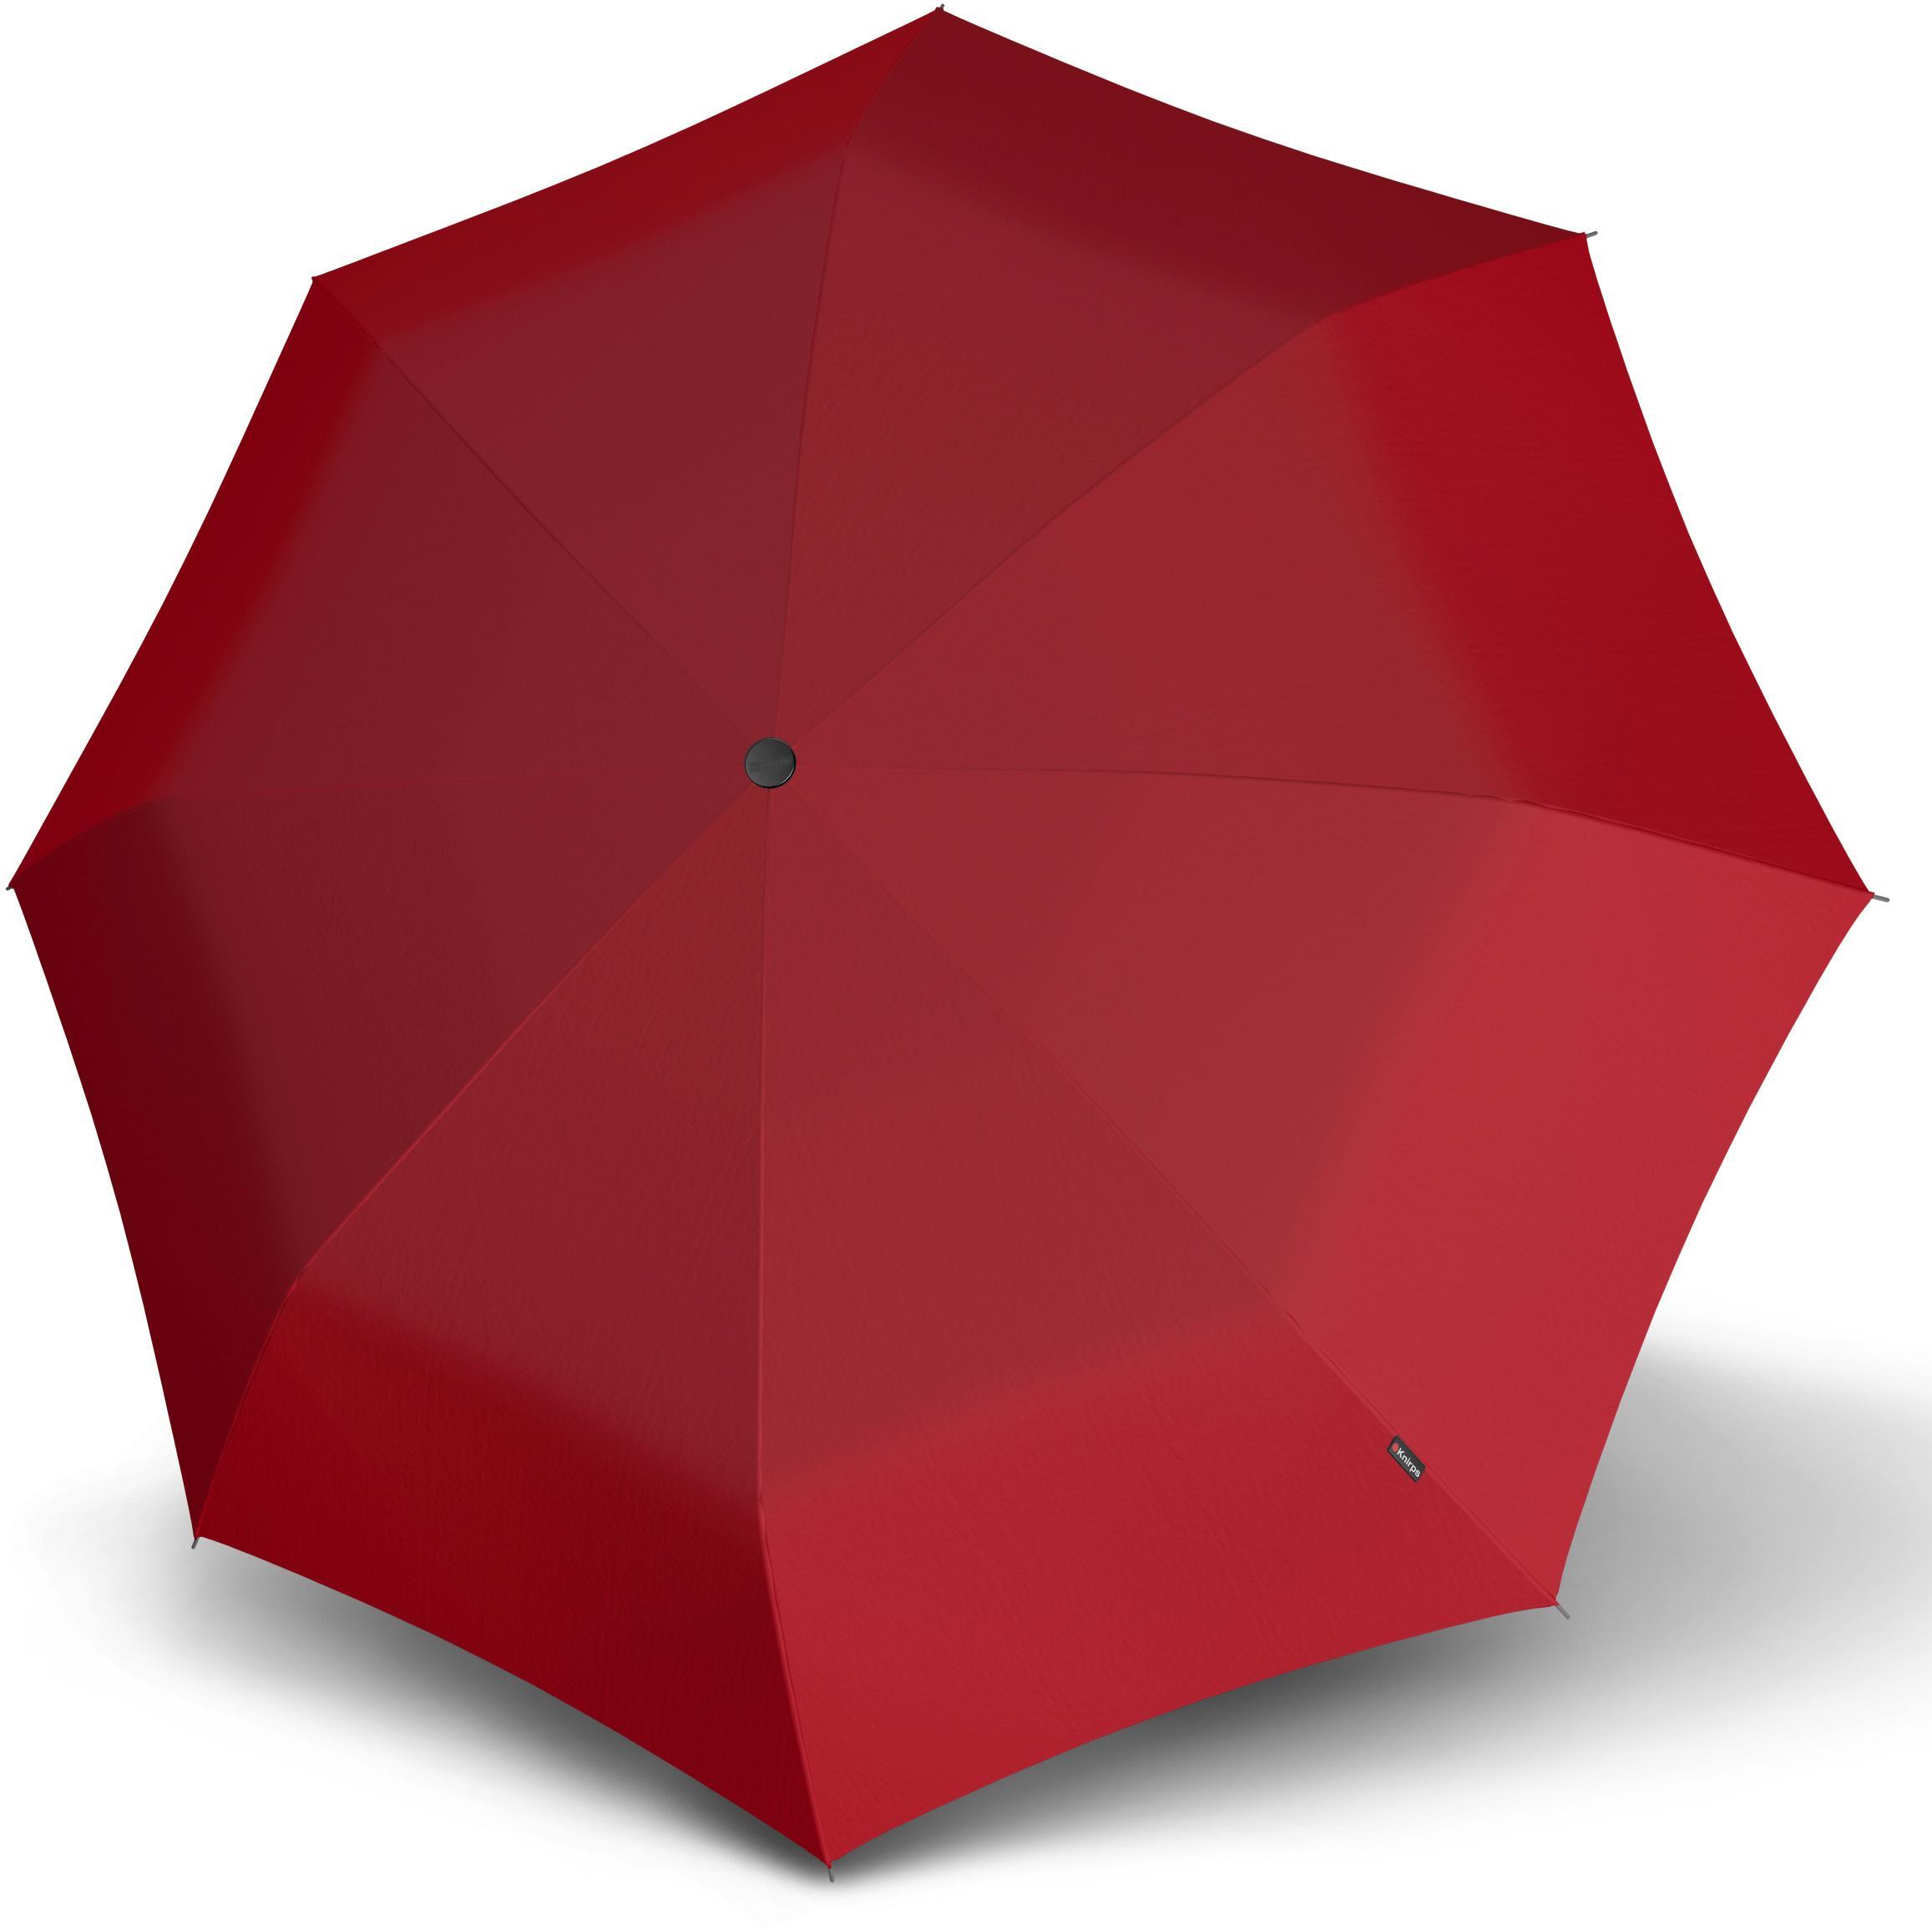 Knirps® Regenschirm - Taschenschirm, »T.200 Medium Duomatic red«   Accessoires > Regenschirme > Taschenschirme   Rot   KNIRPS